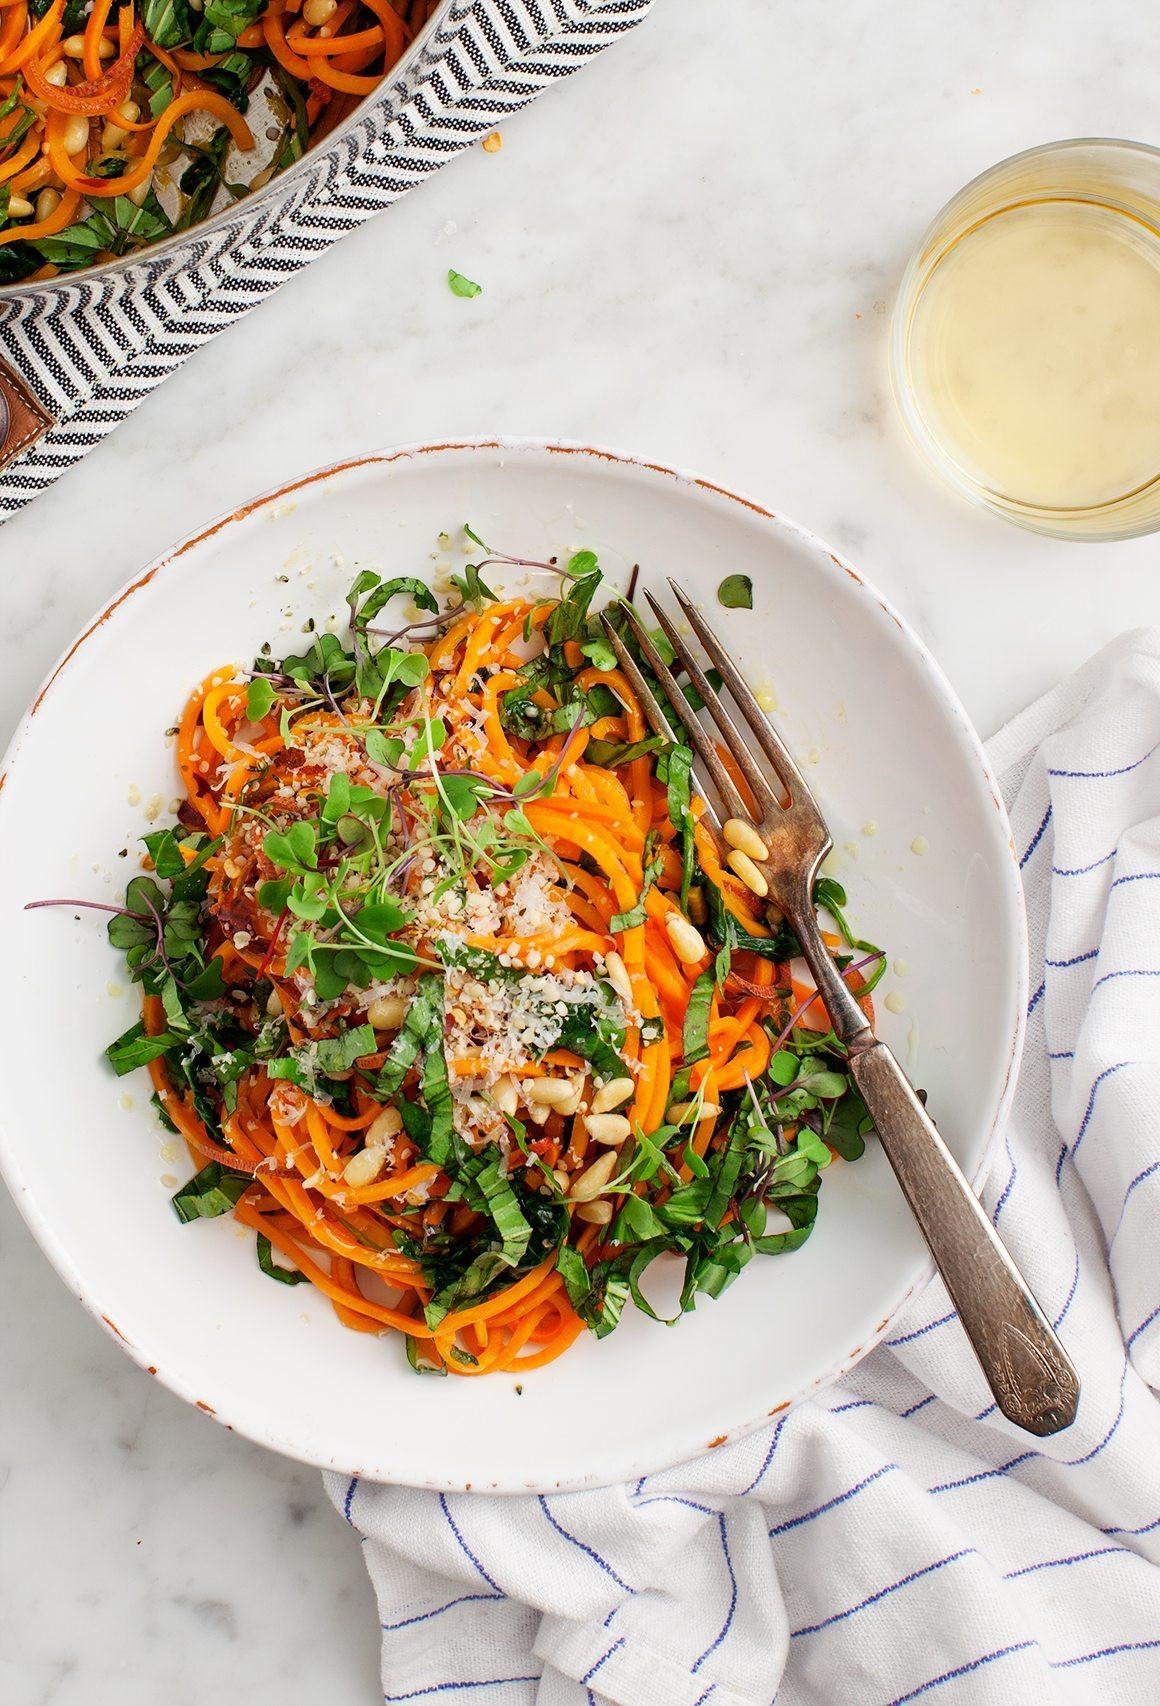 Vegetarian Recipes For Dinner  Healthy Ve arian Dinner Recipes Love and Lemons